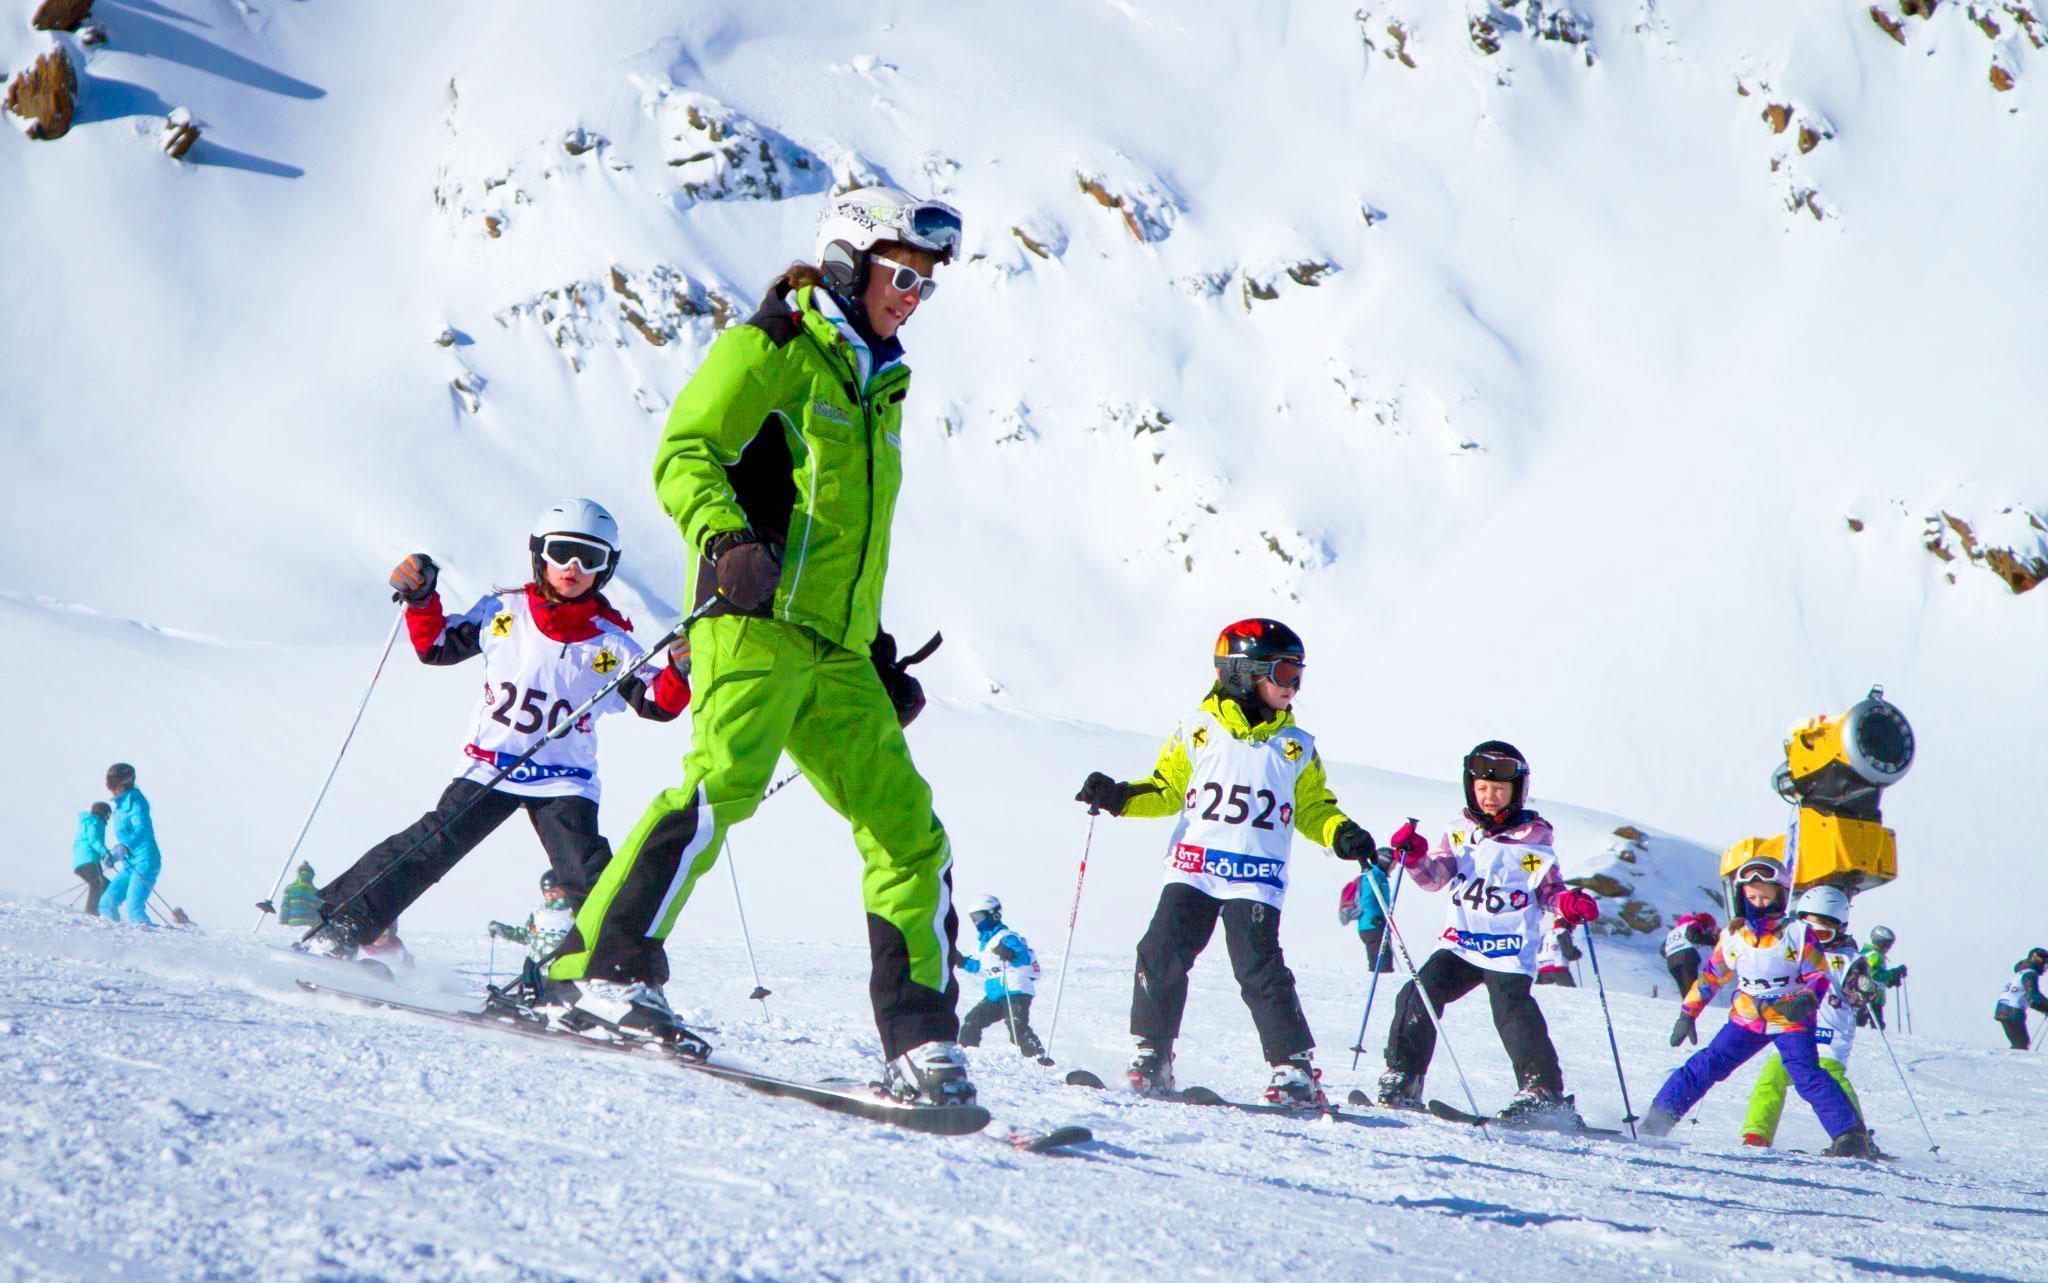 Skilessen voor kinderen (3-14 jaar) van alle niveaus